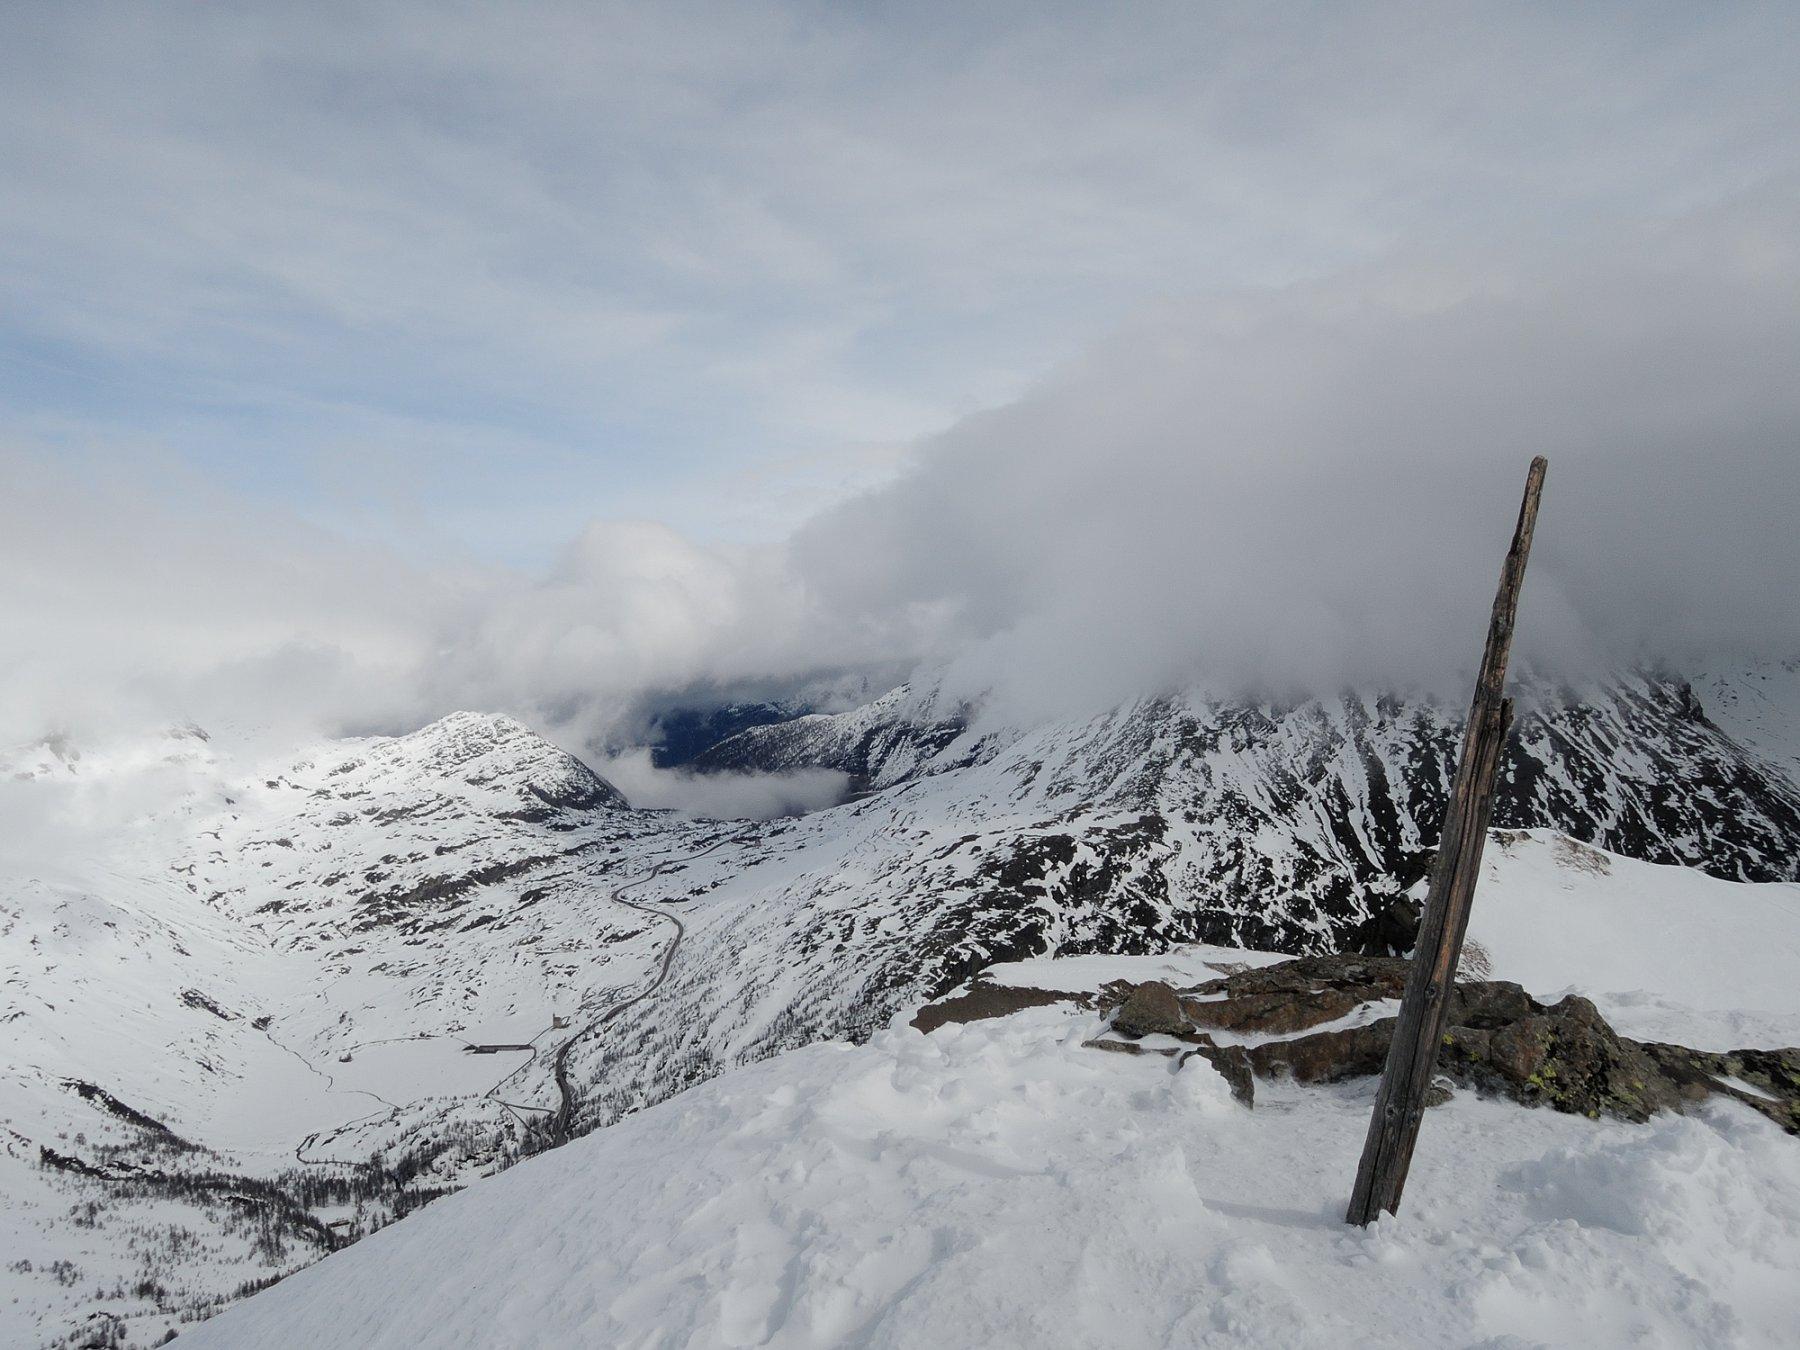 Dalla vetta, vista sul sempione dove le nuvole non hanno mollato